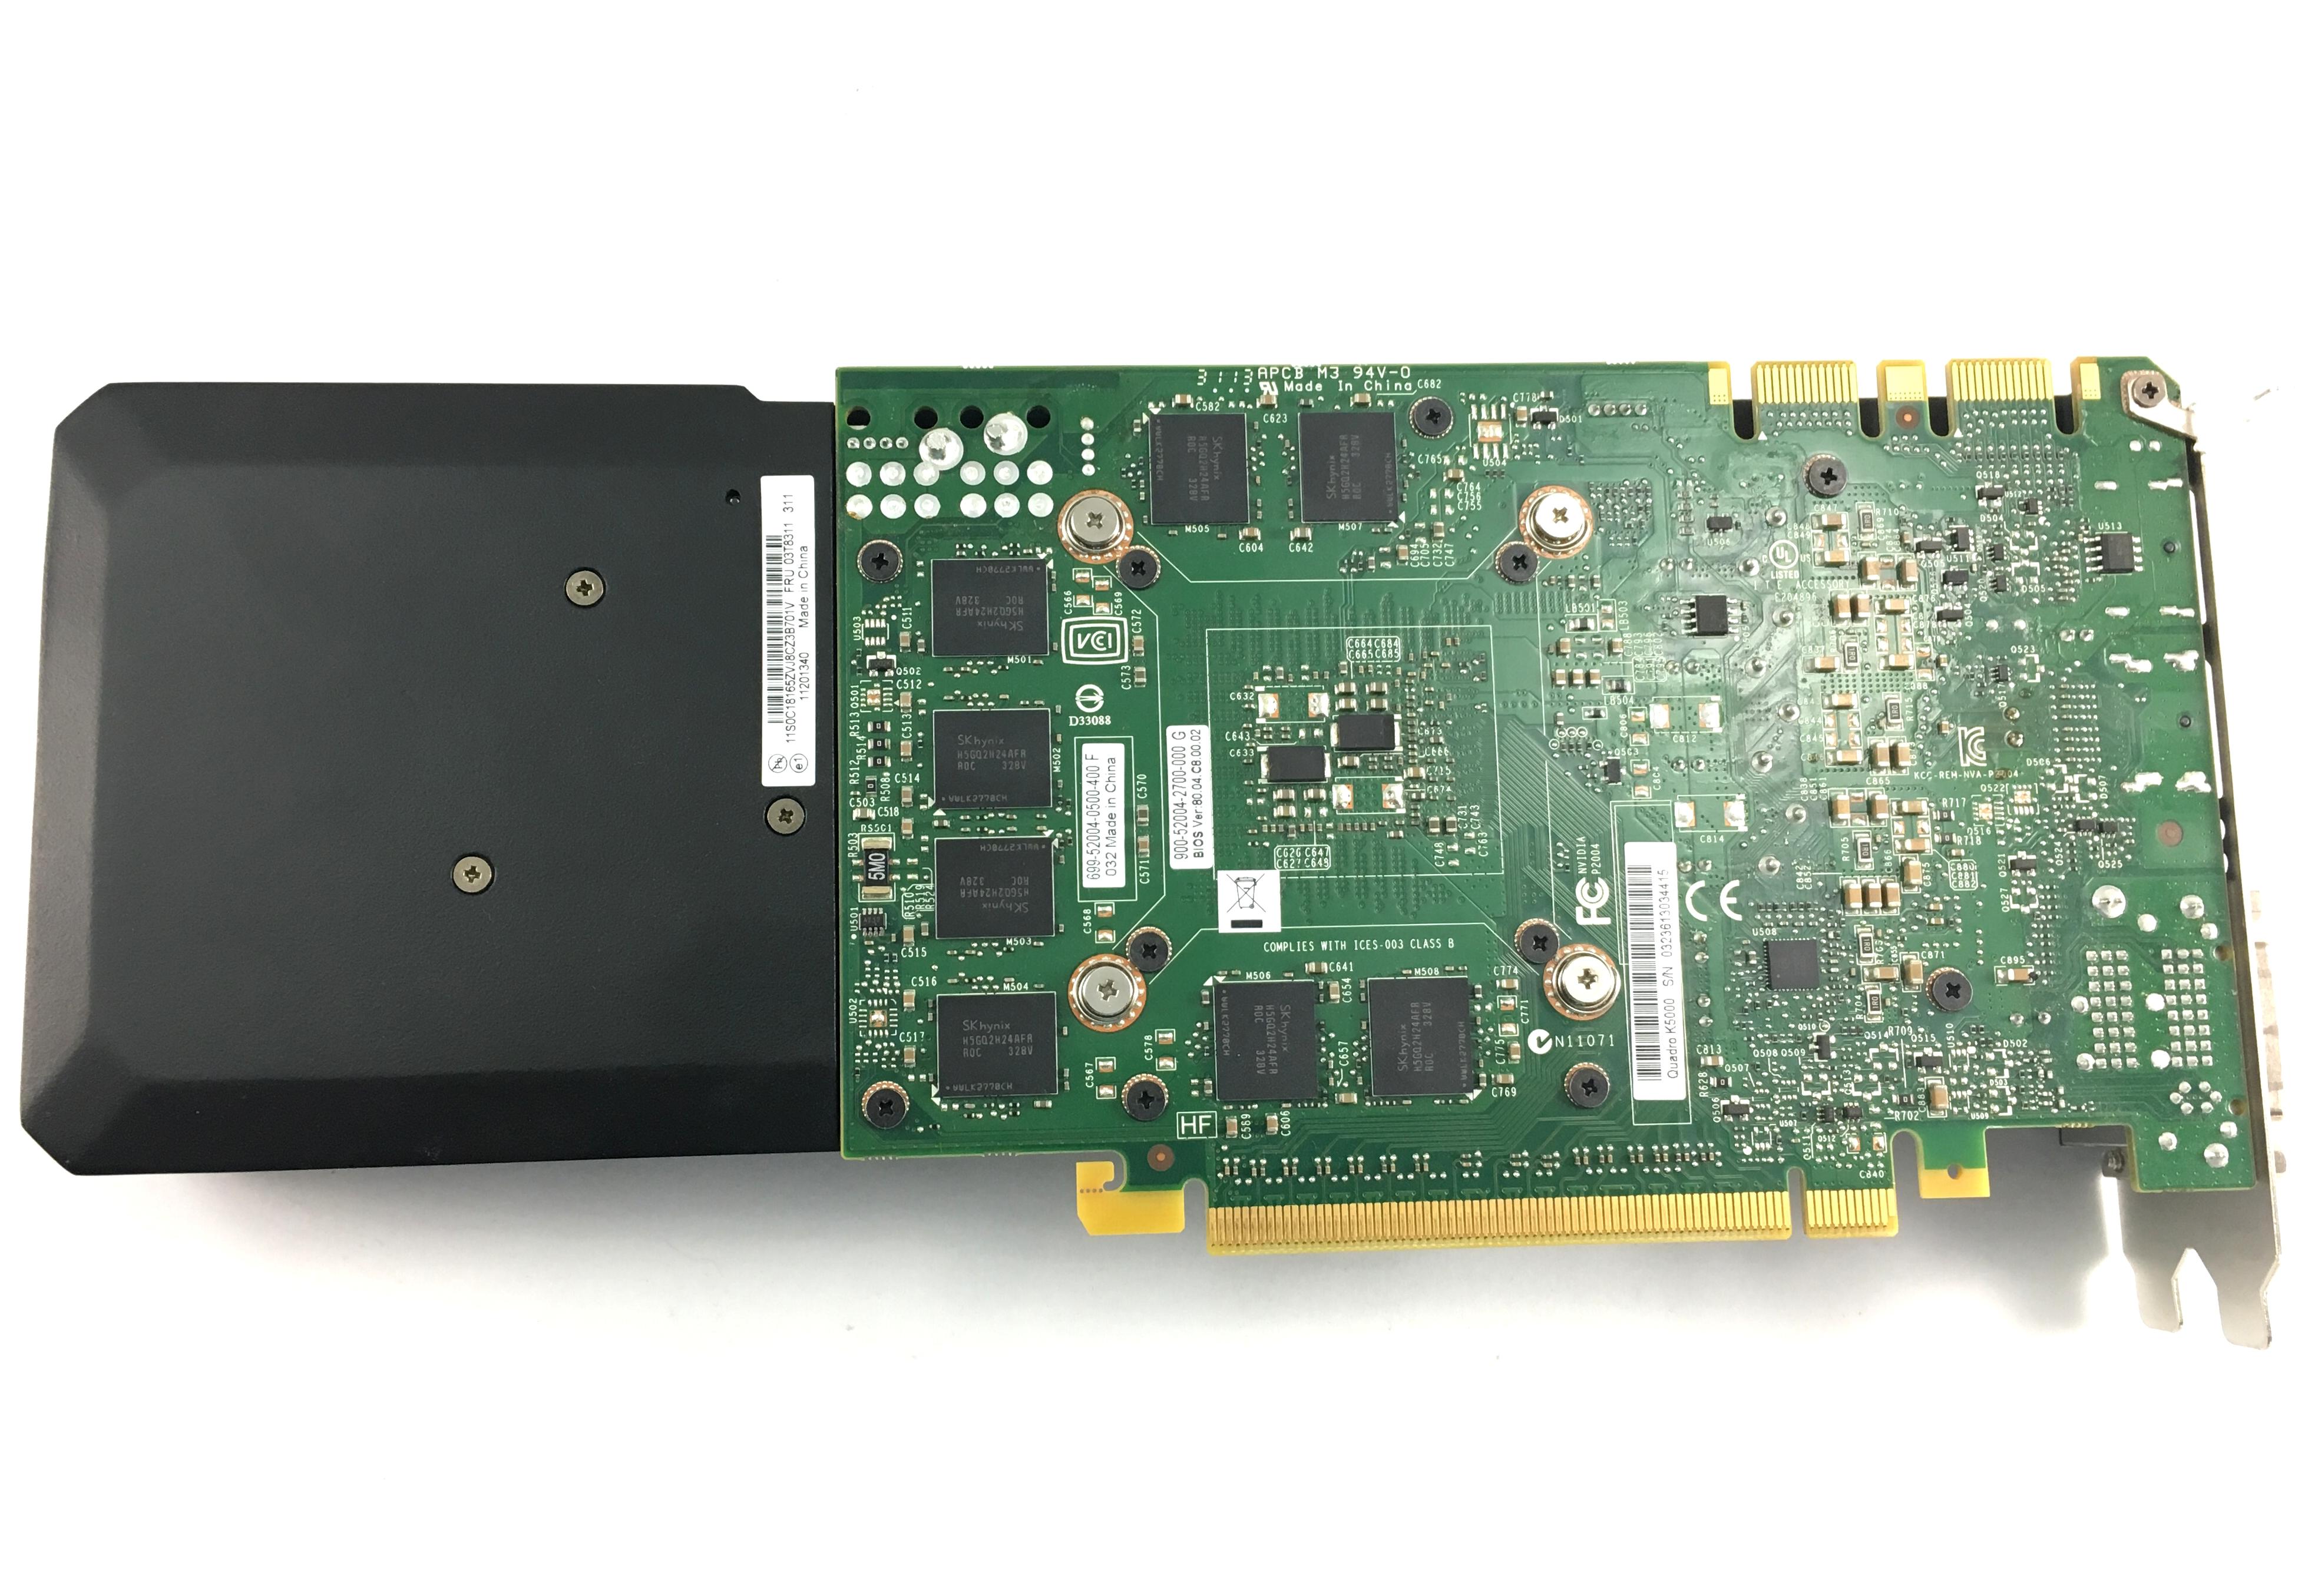 Lenovo Nvidia Quadro K5000 4GB GDDR5 1536 Cuda Core Graphics Card (03T8311)